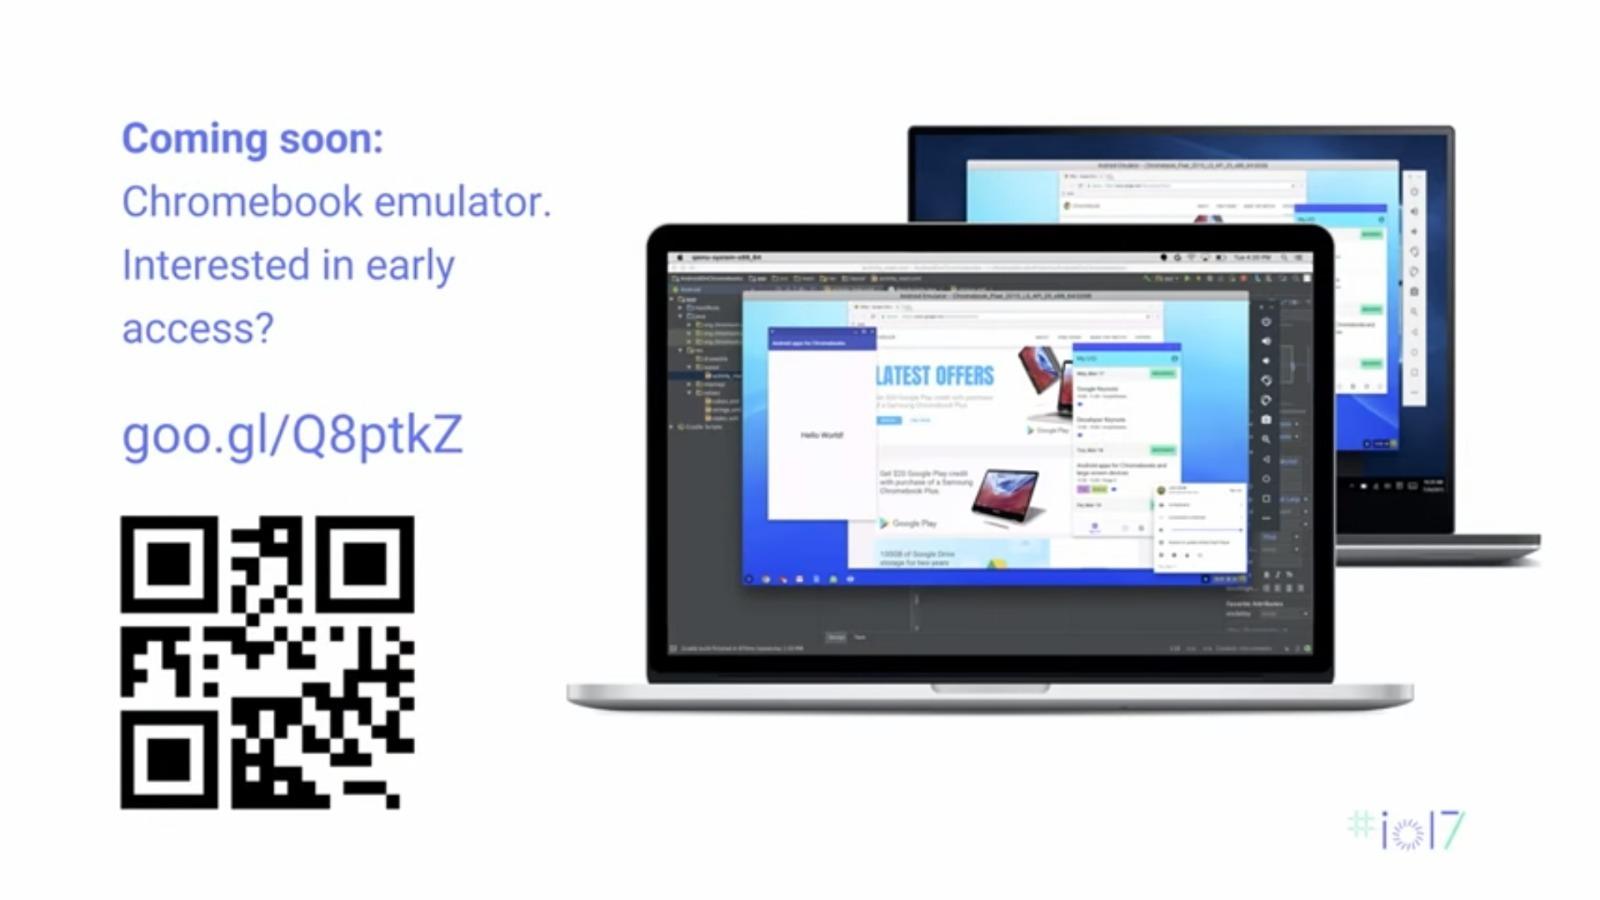 emulador para chromebook OS